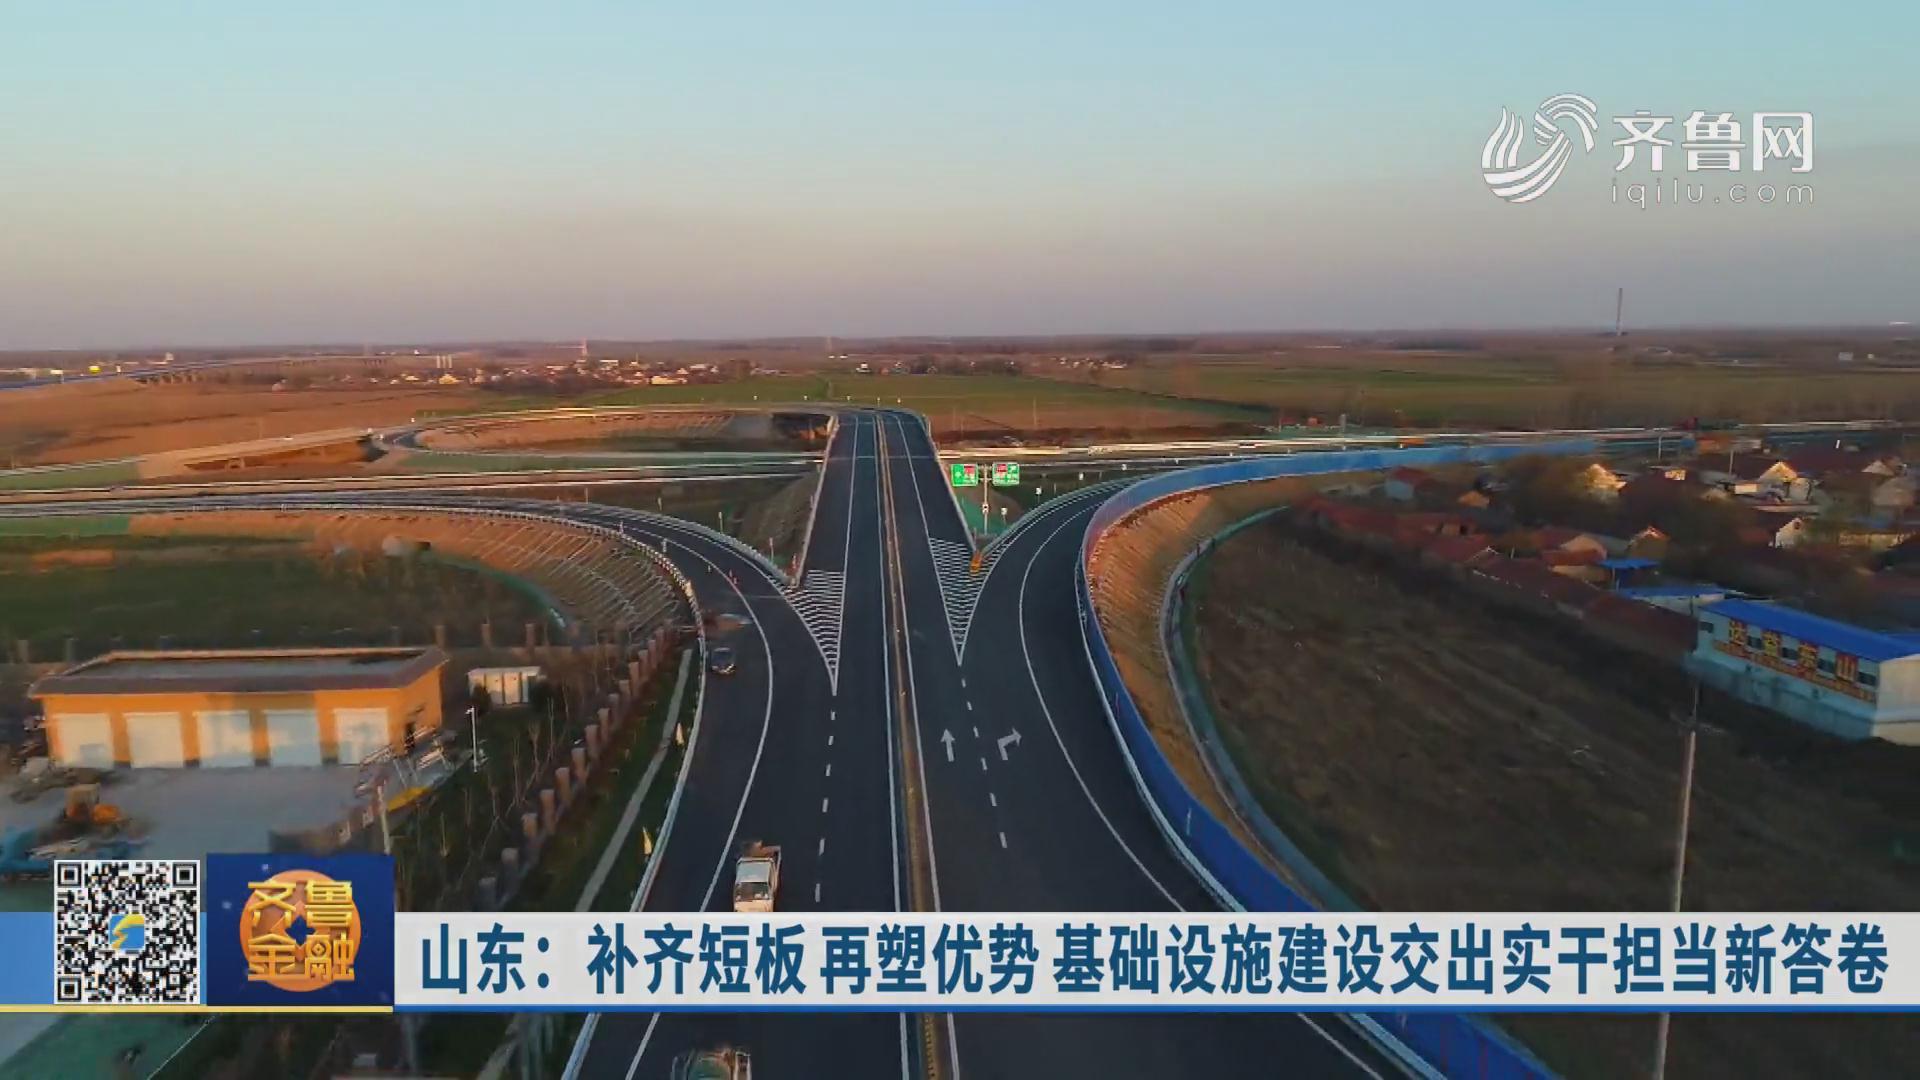 山东:补齐短板 再塑优势 基础设施建设交出实干担当新答卷《齐鲁金融》20200108播出